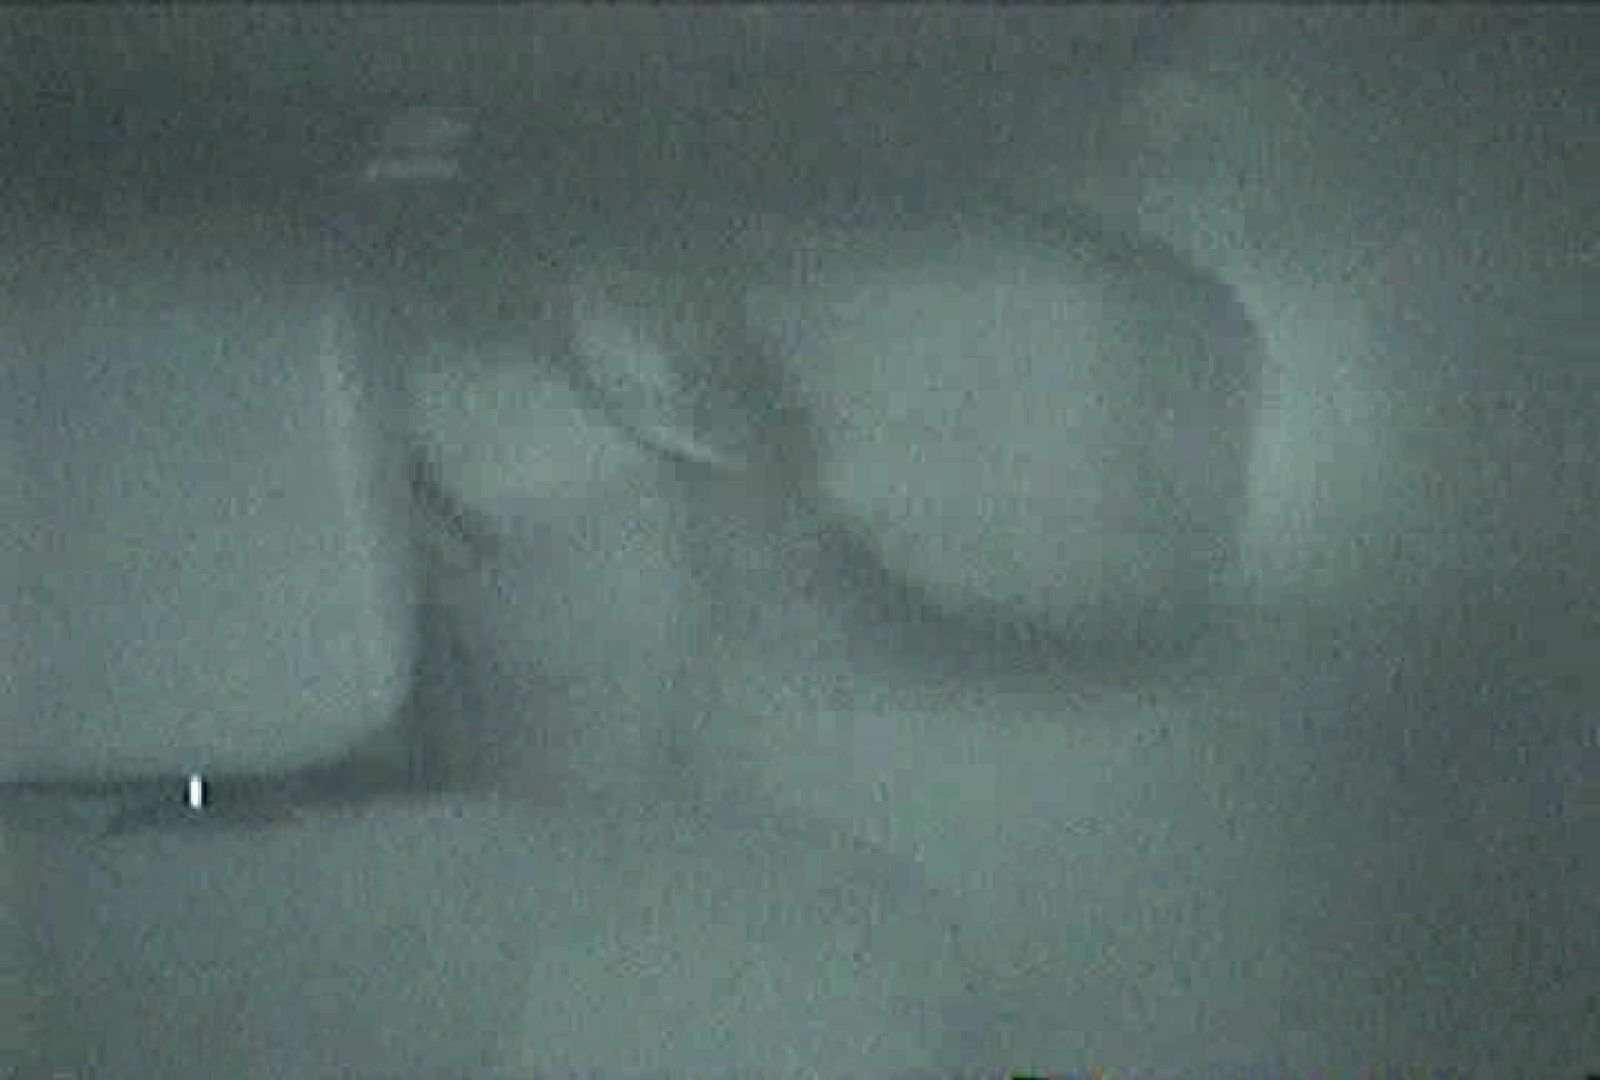 充血監督の深夜の運動会Vol.82 エロいOL おめこ無修正画像 20枚